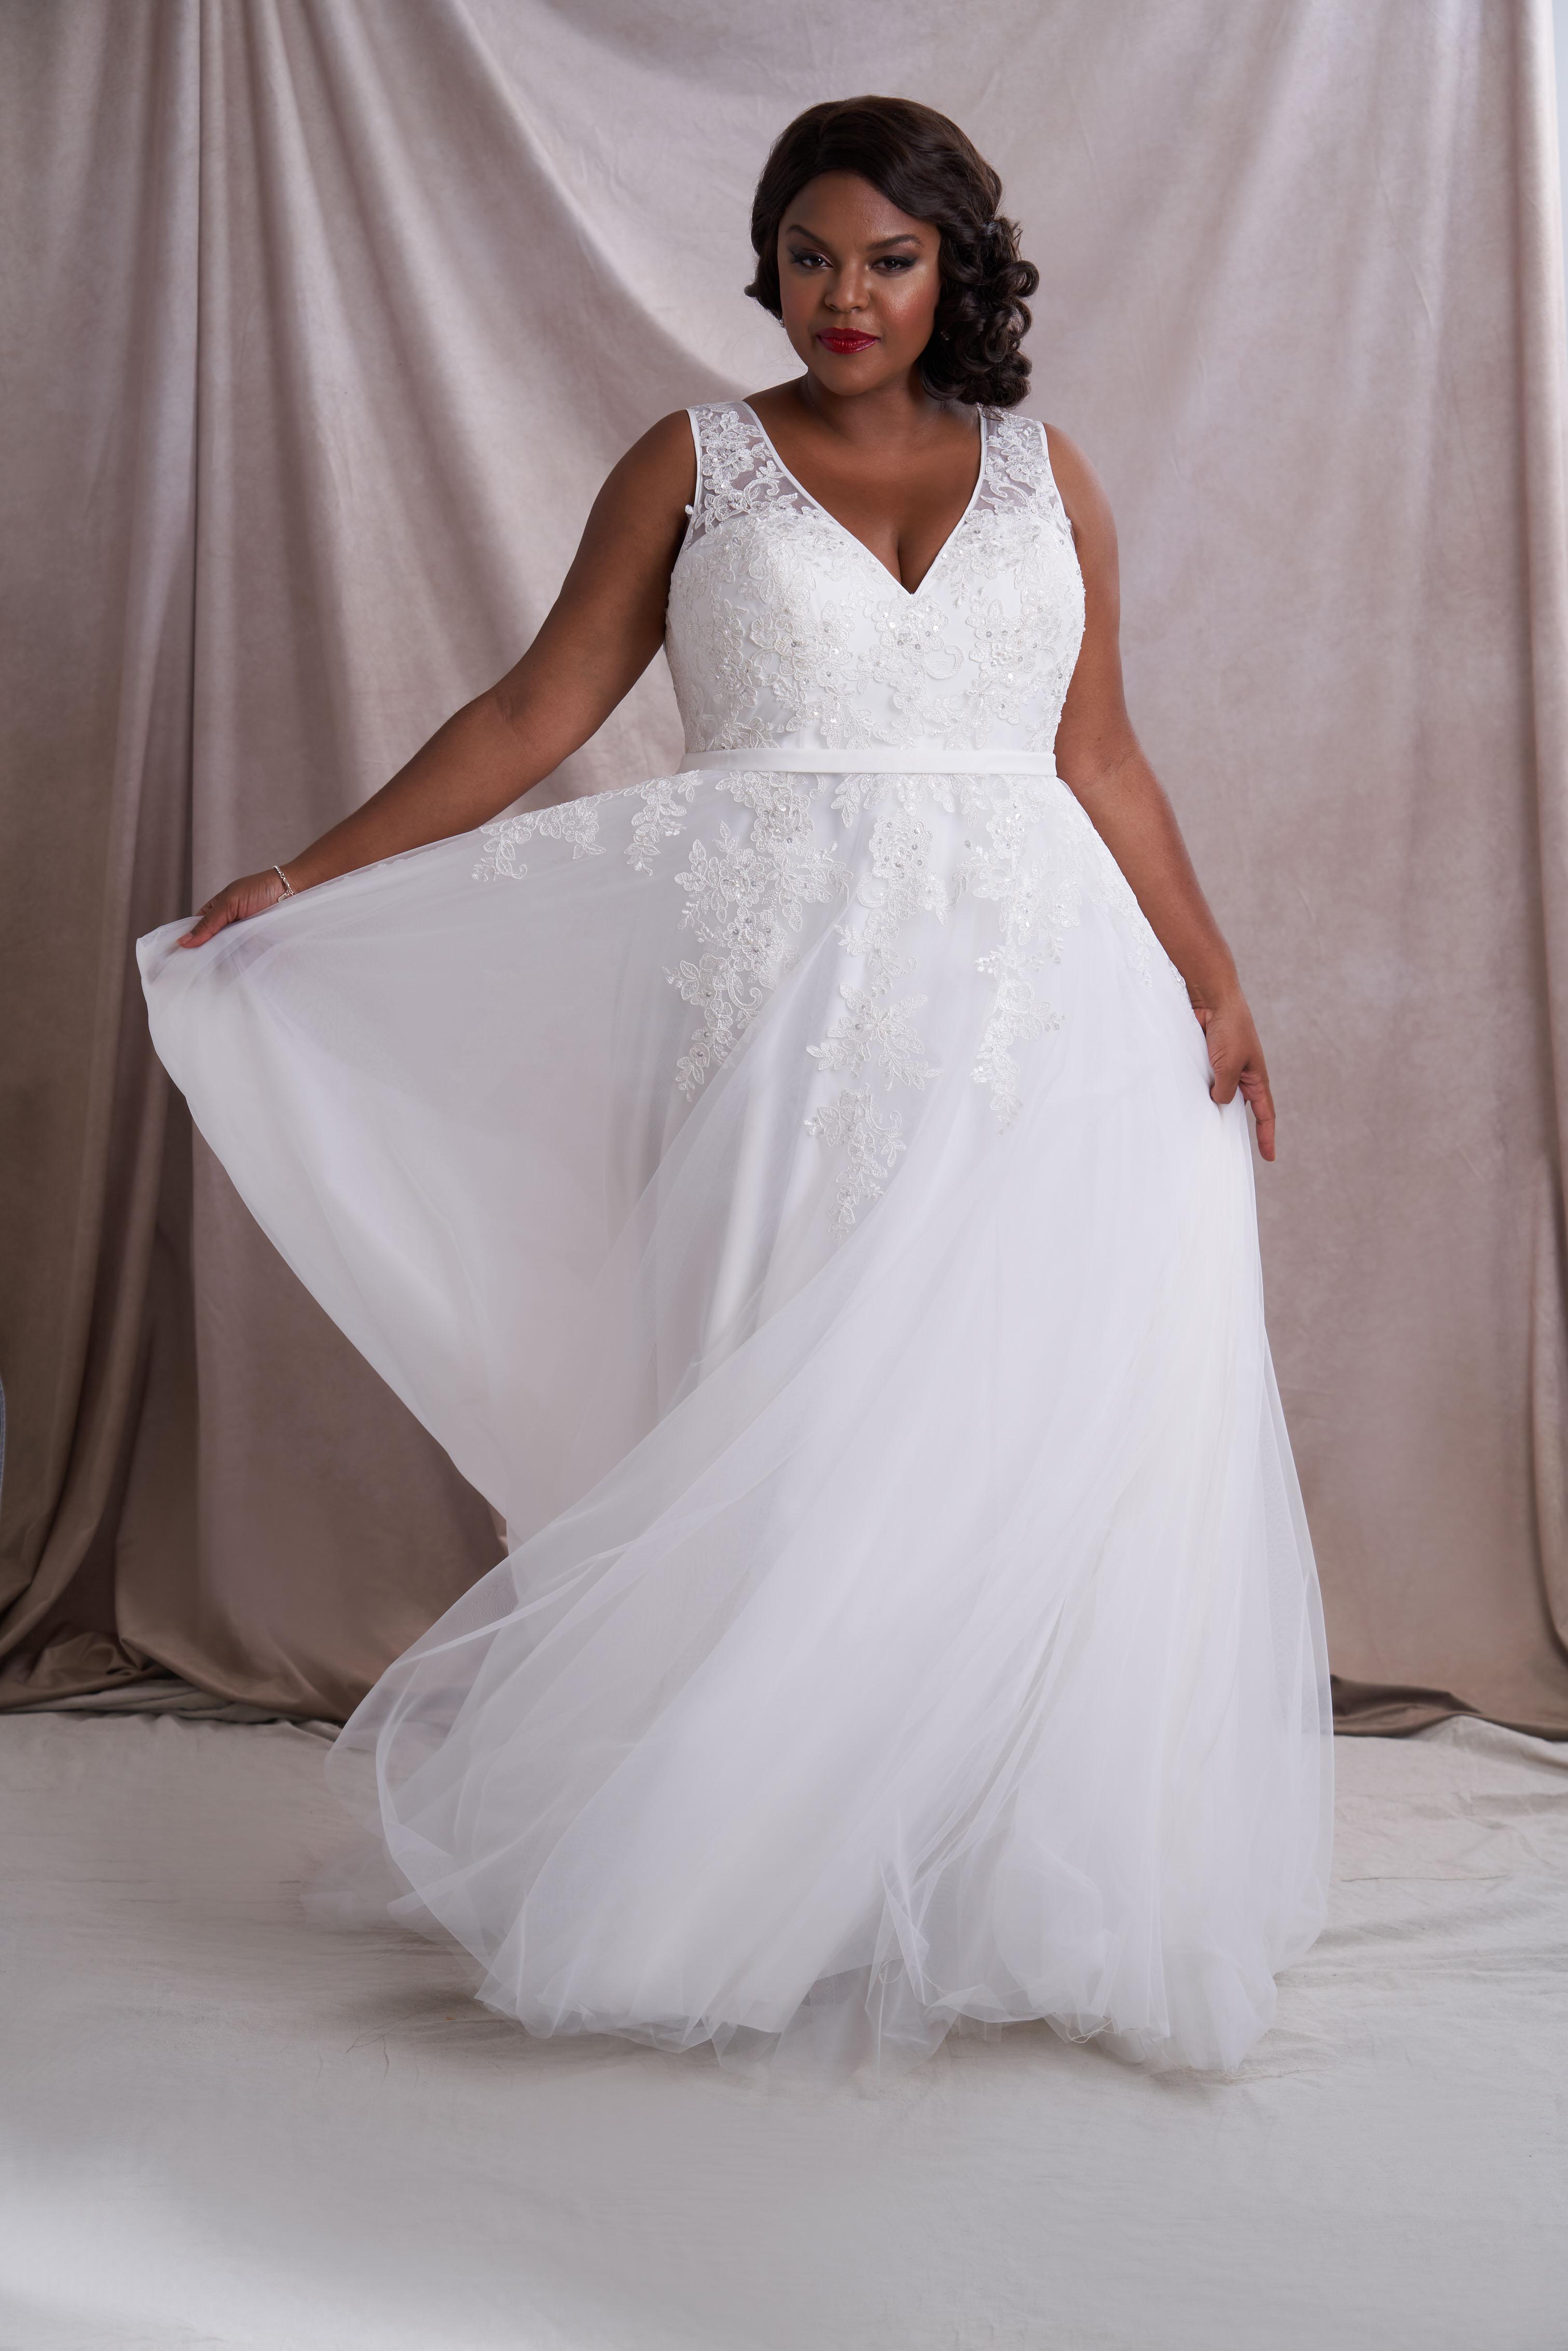 Jenny Rieu Azazie bridal gown wedding dress